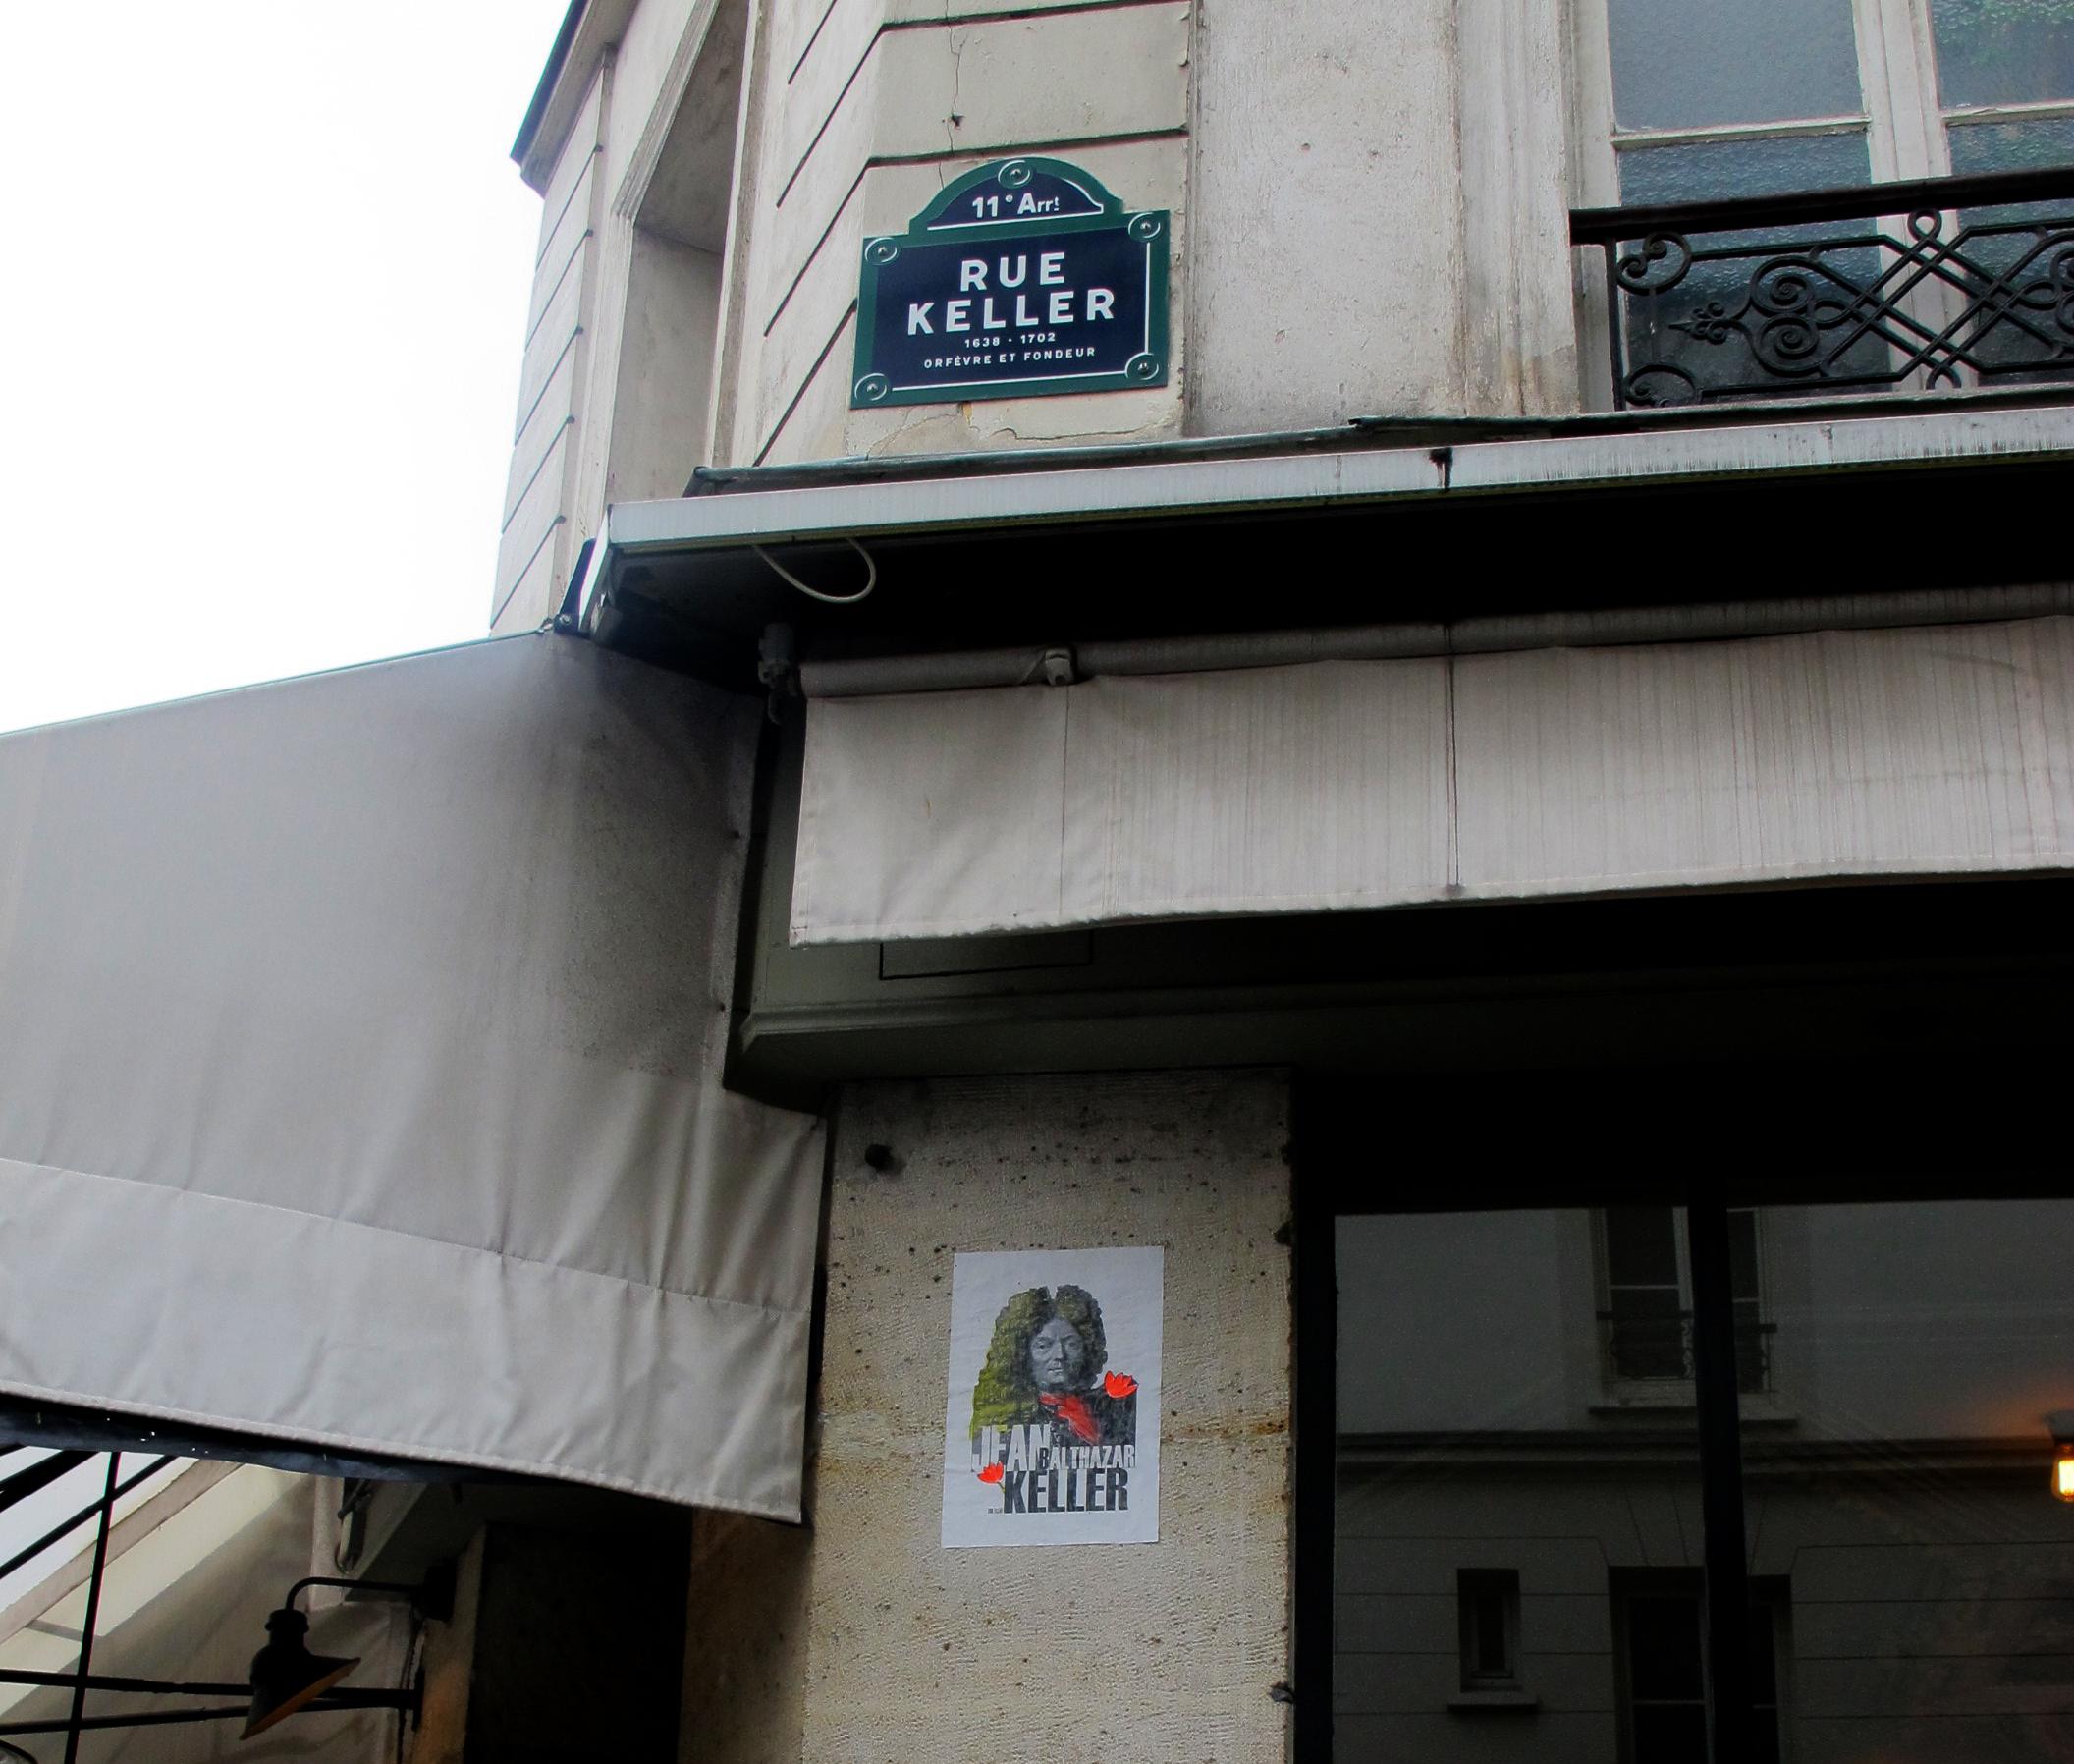 rue keller.JPG